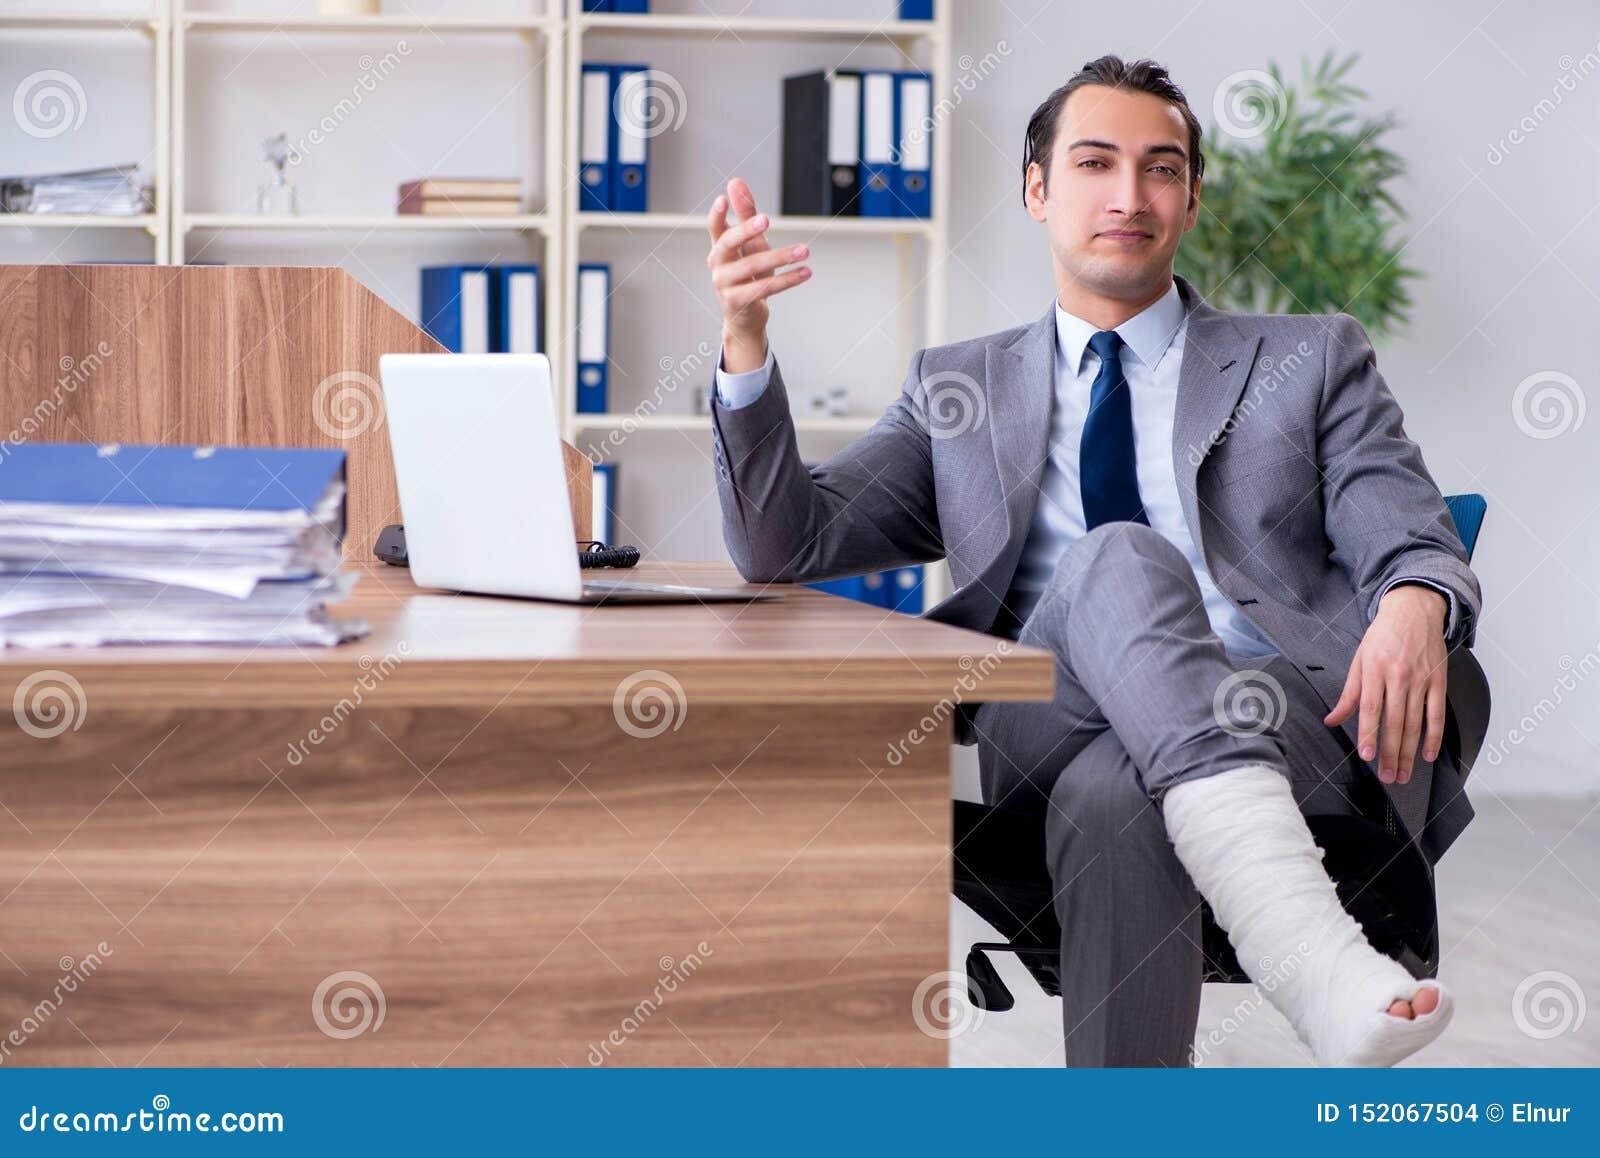 Noga zdradzony męski pracownik w biurze